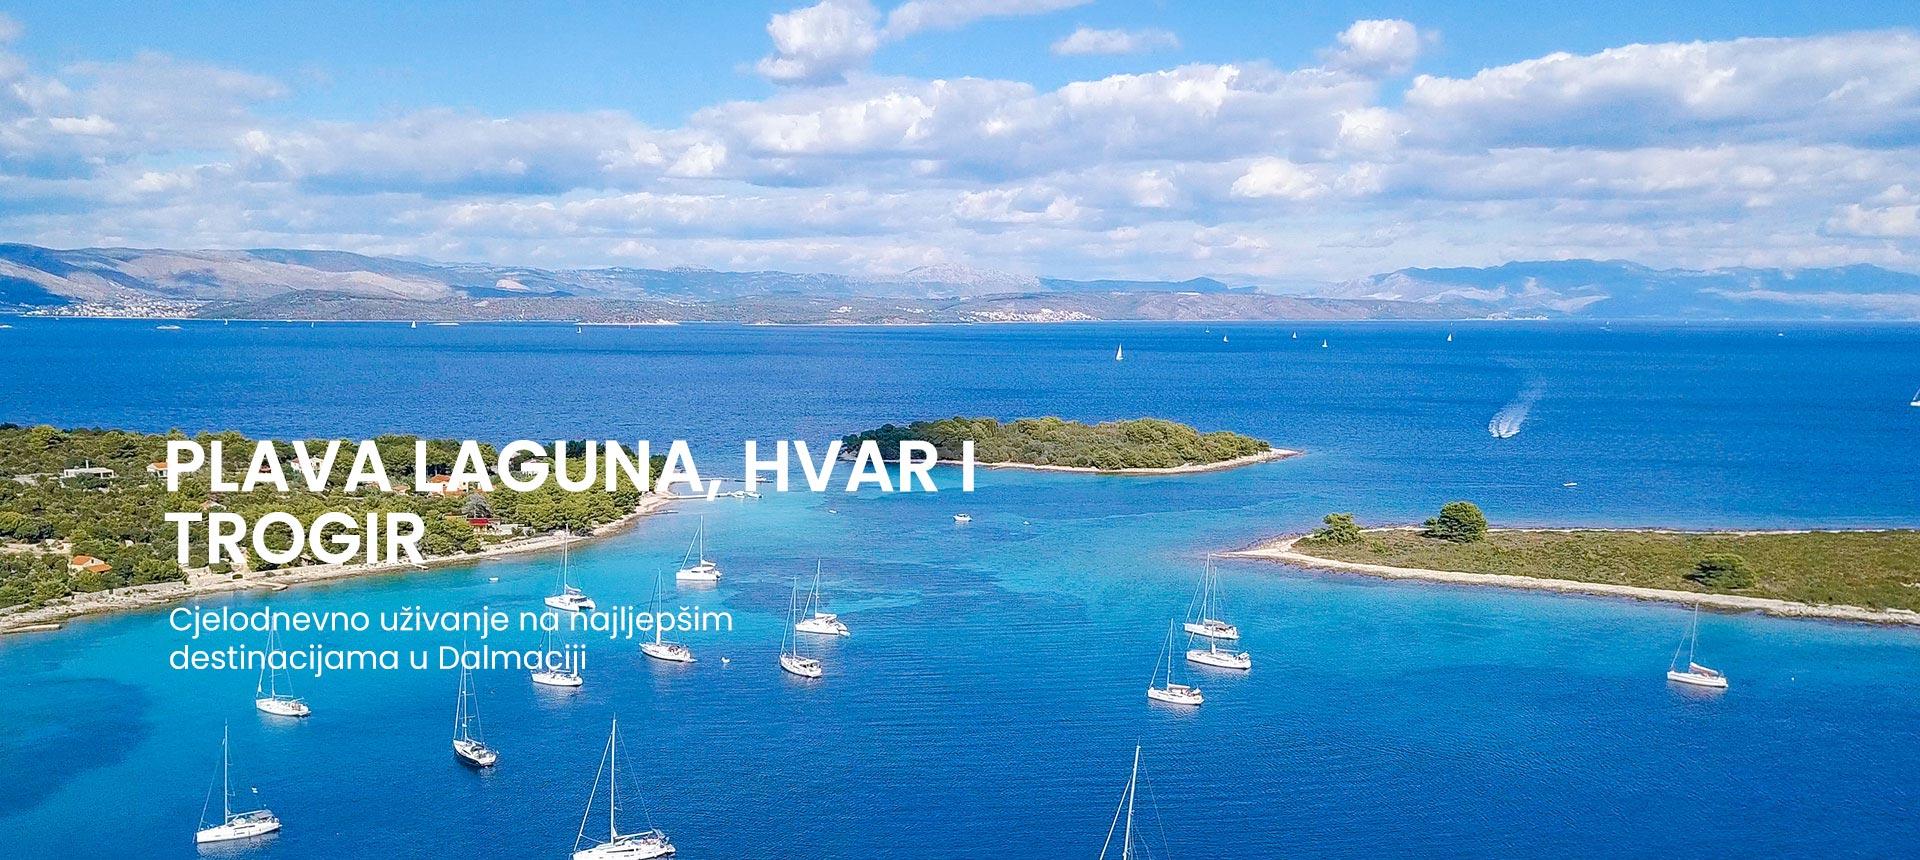 cjelodnevni izlet u plavu lagunu, Hvar i Trogir